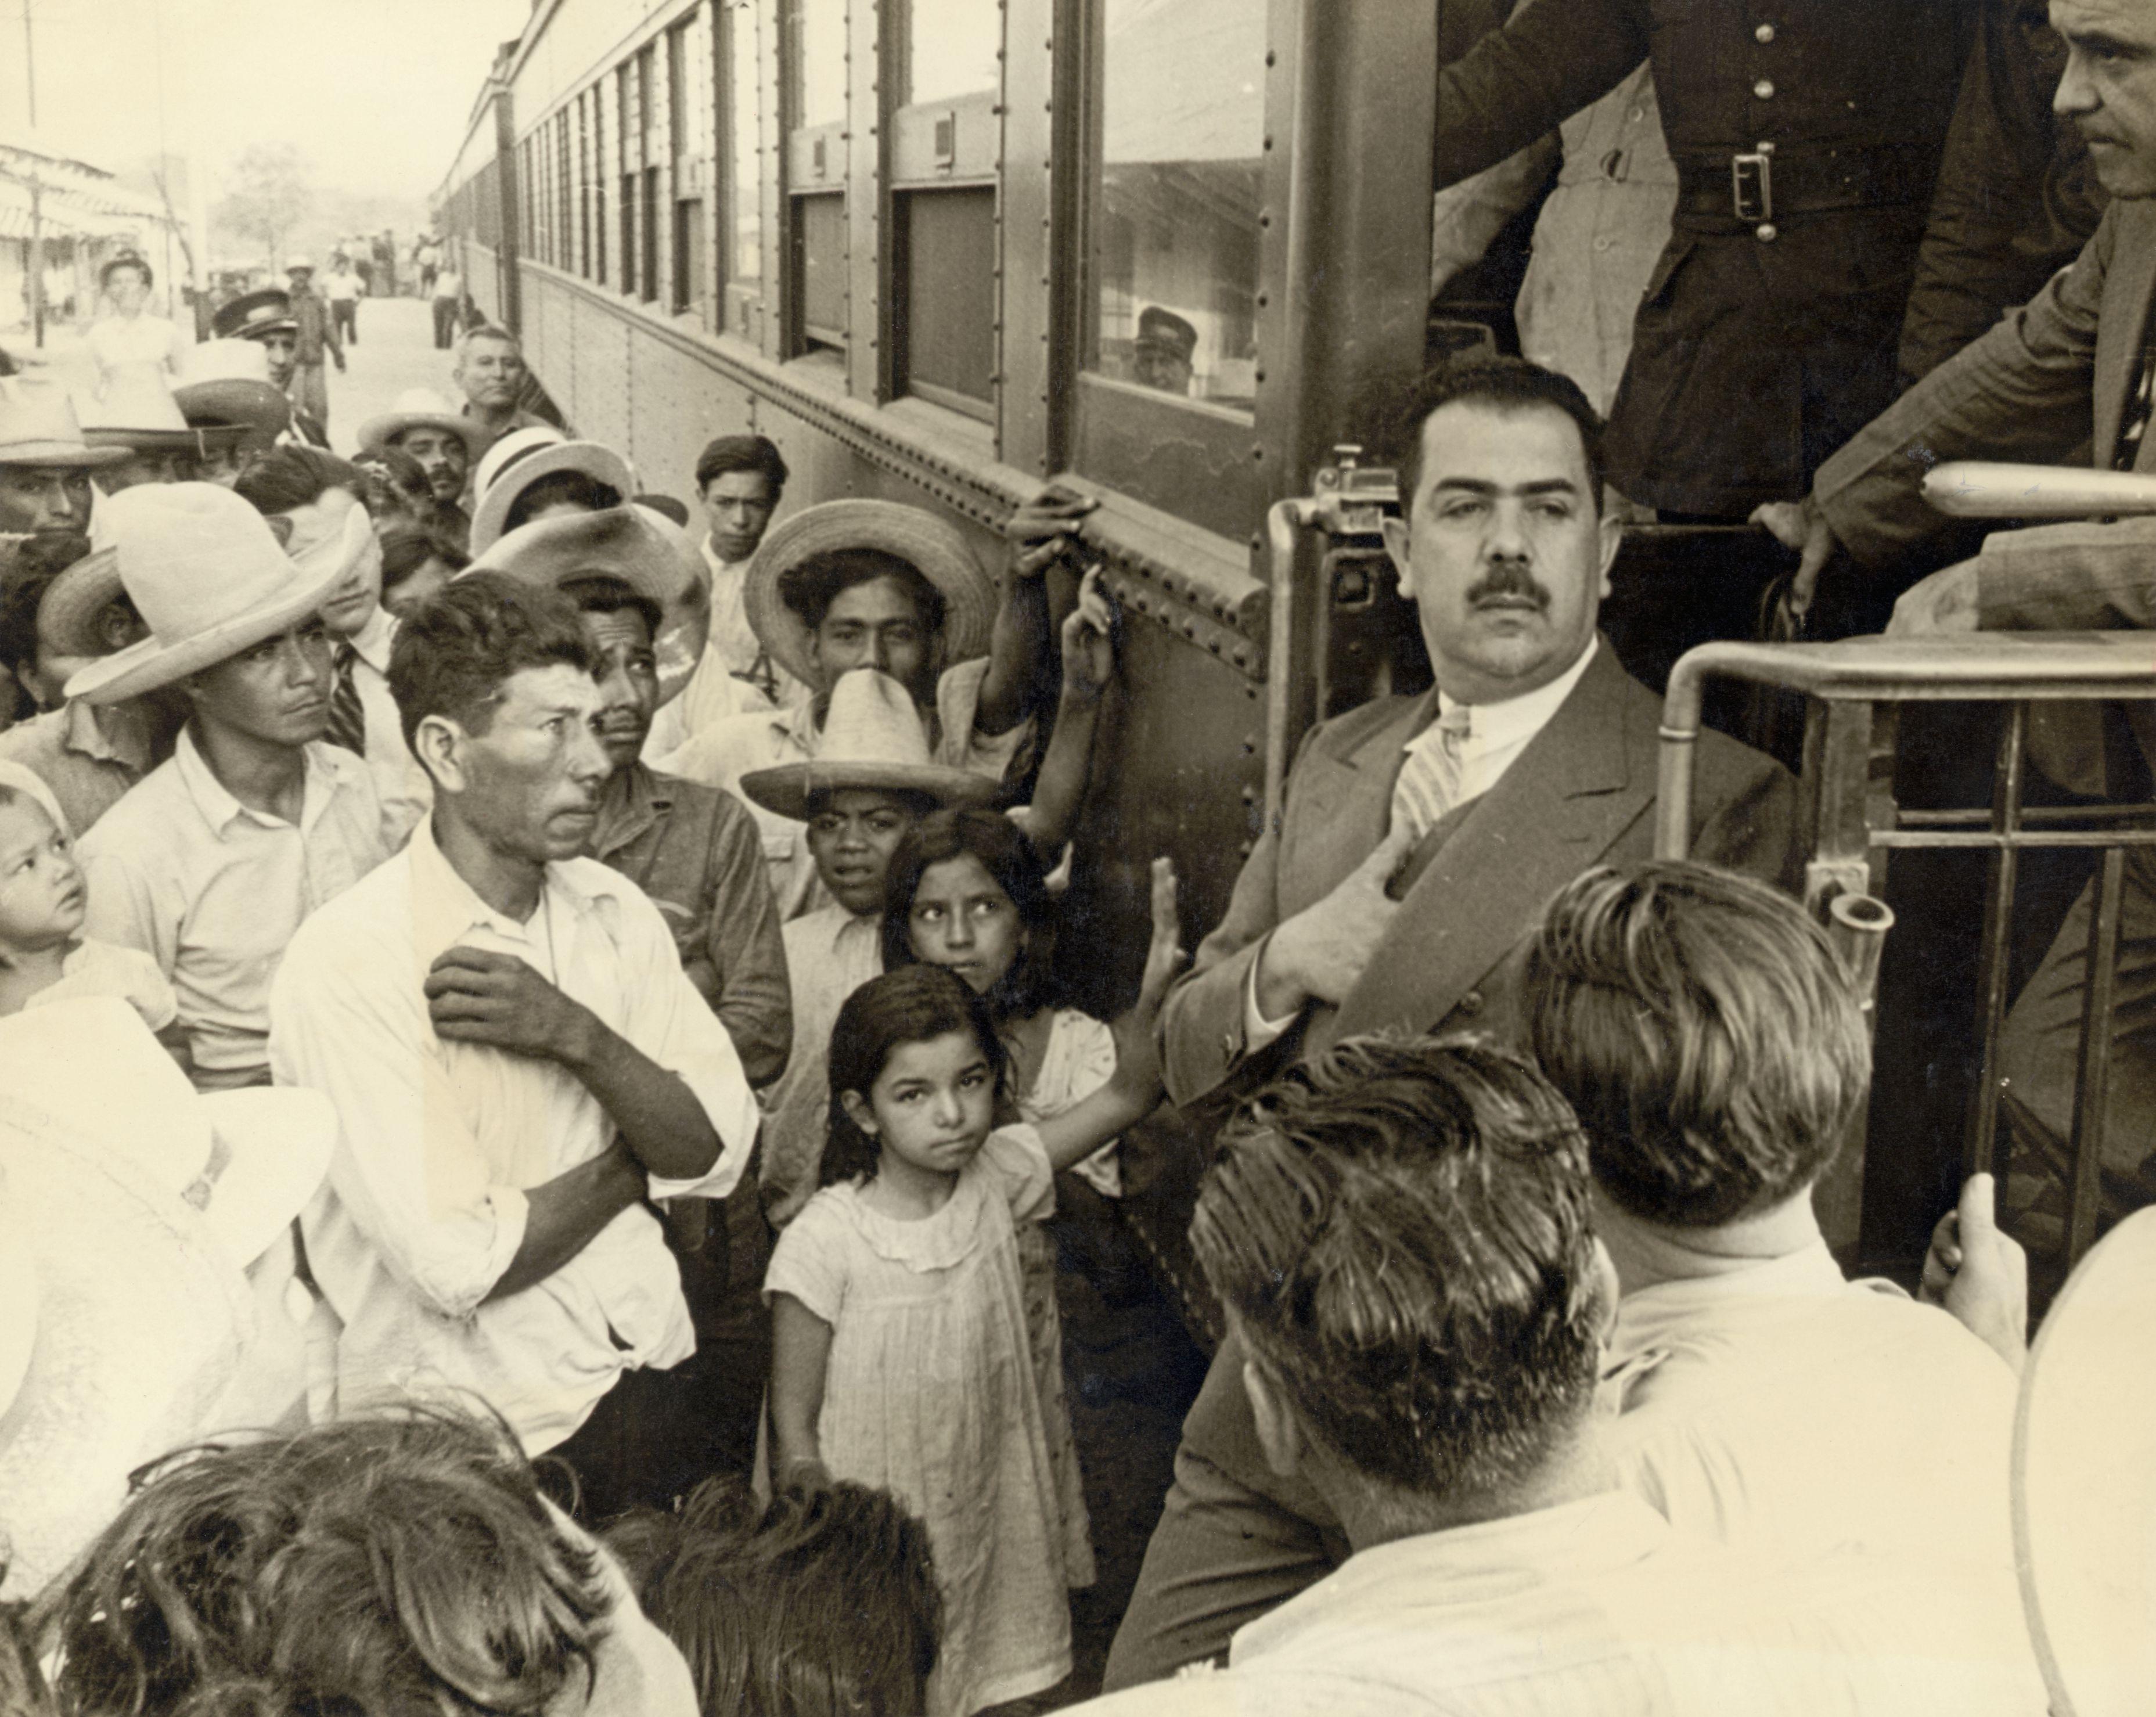 Ο Πρόεδρος Lazaro Cardenas του Μεξικού στο σιδηροδρομικό σταθμό